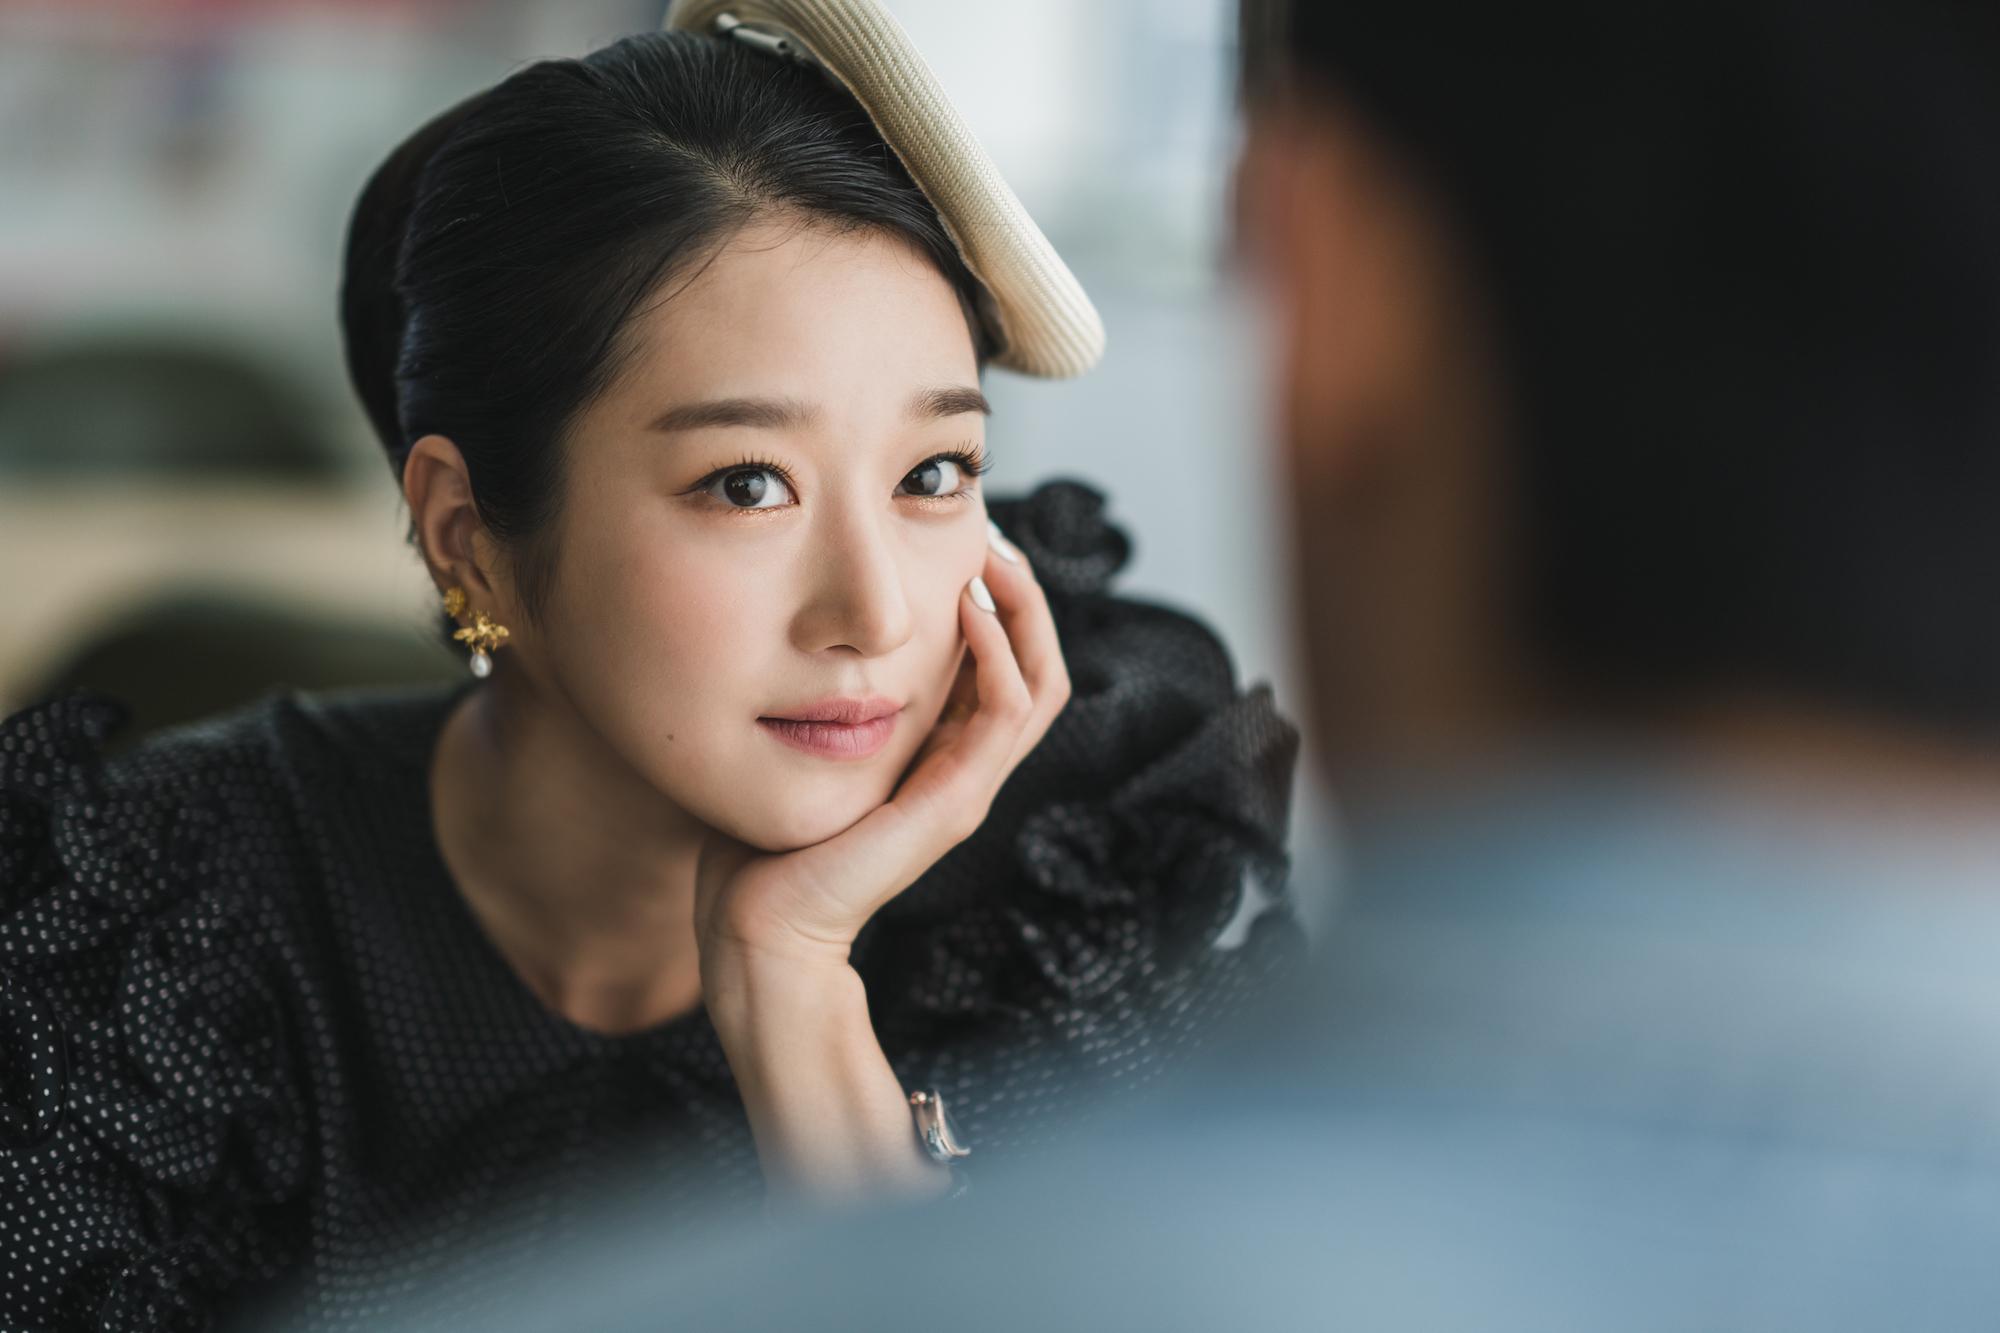 「サイコだけど大丈夫」、『最も普通の恋愛』も! この夏観るべき韓流ドラマ&映画はこれ_1_2